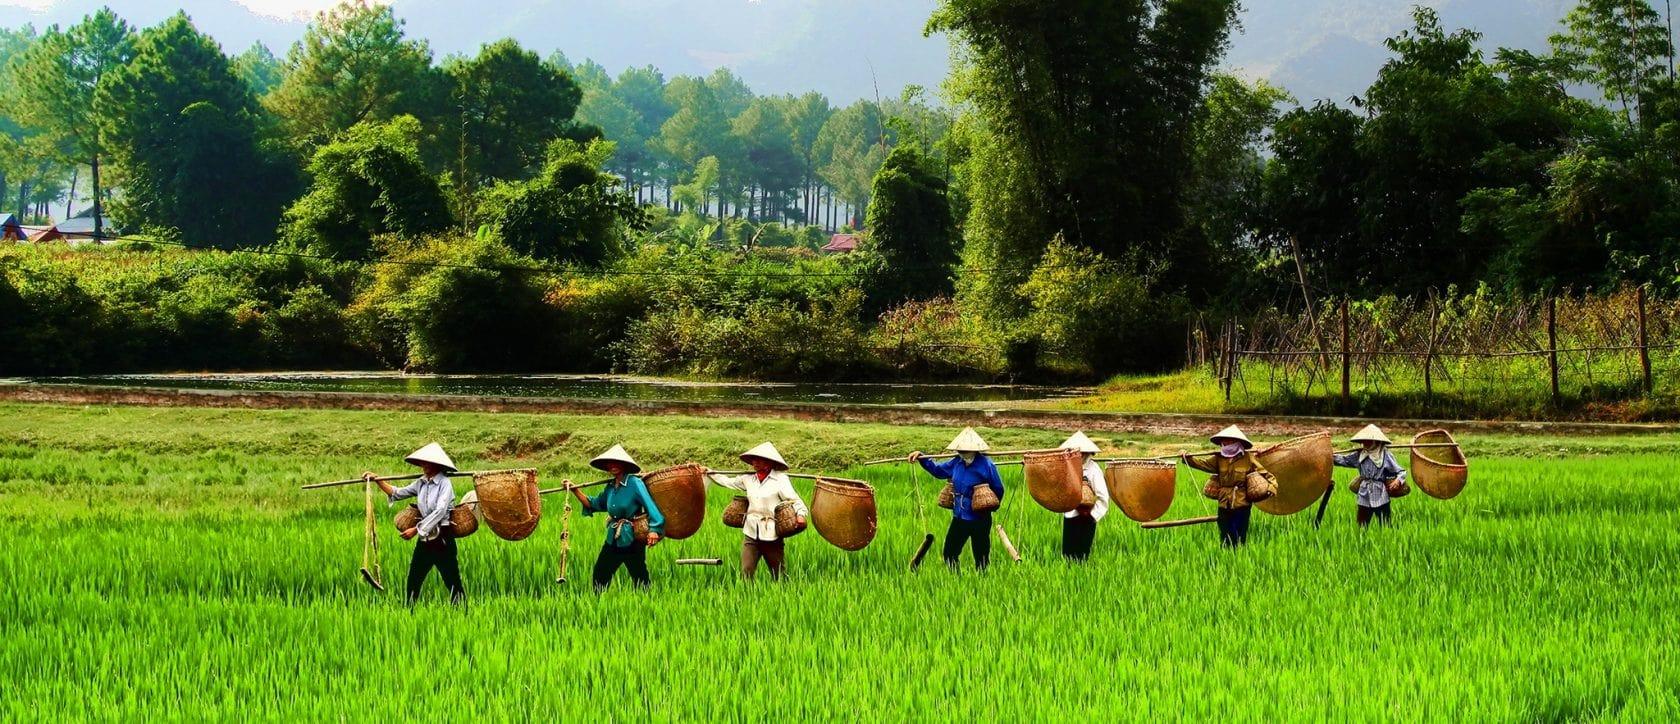 sapa vietnam travel from Italy